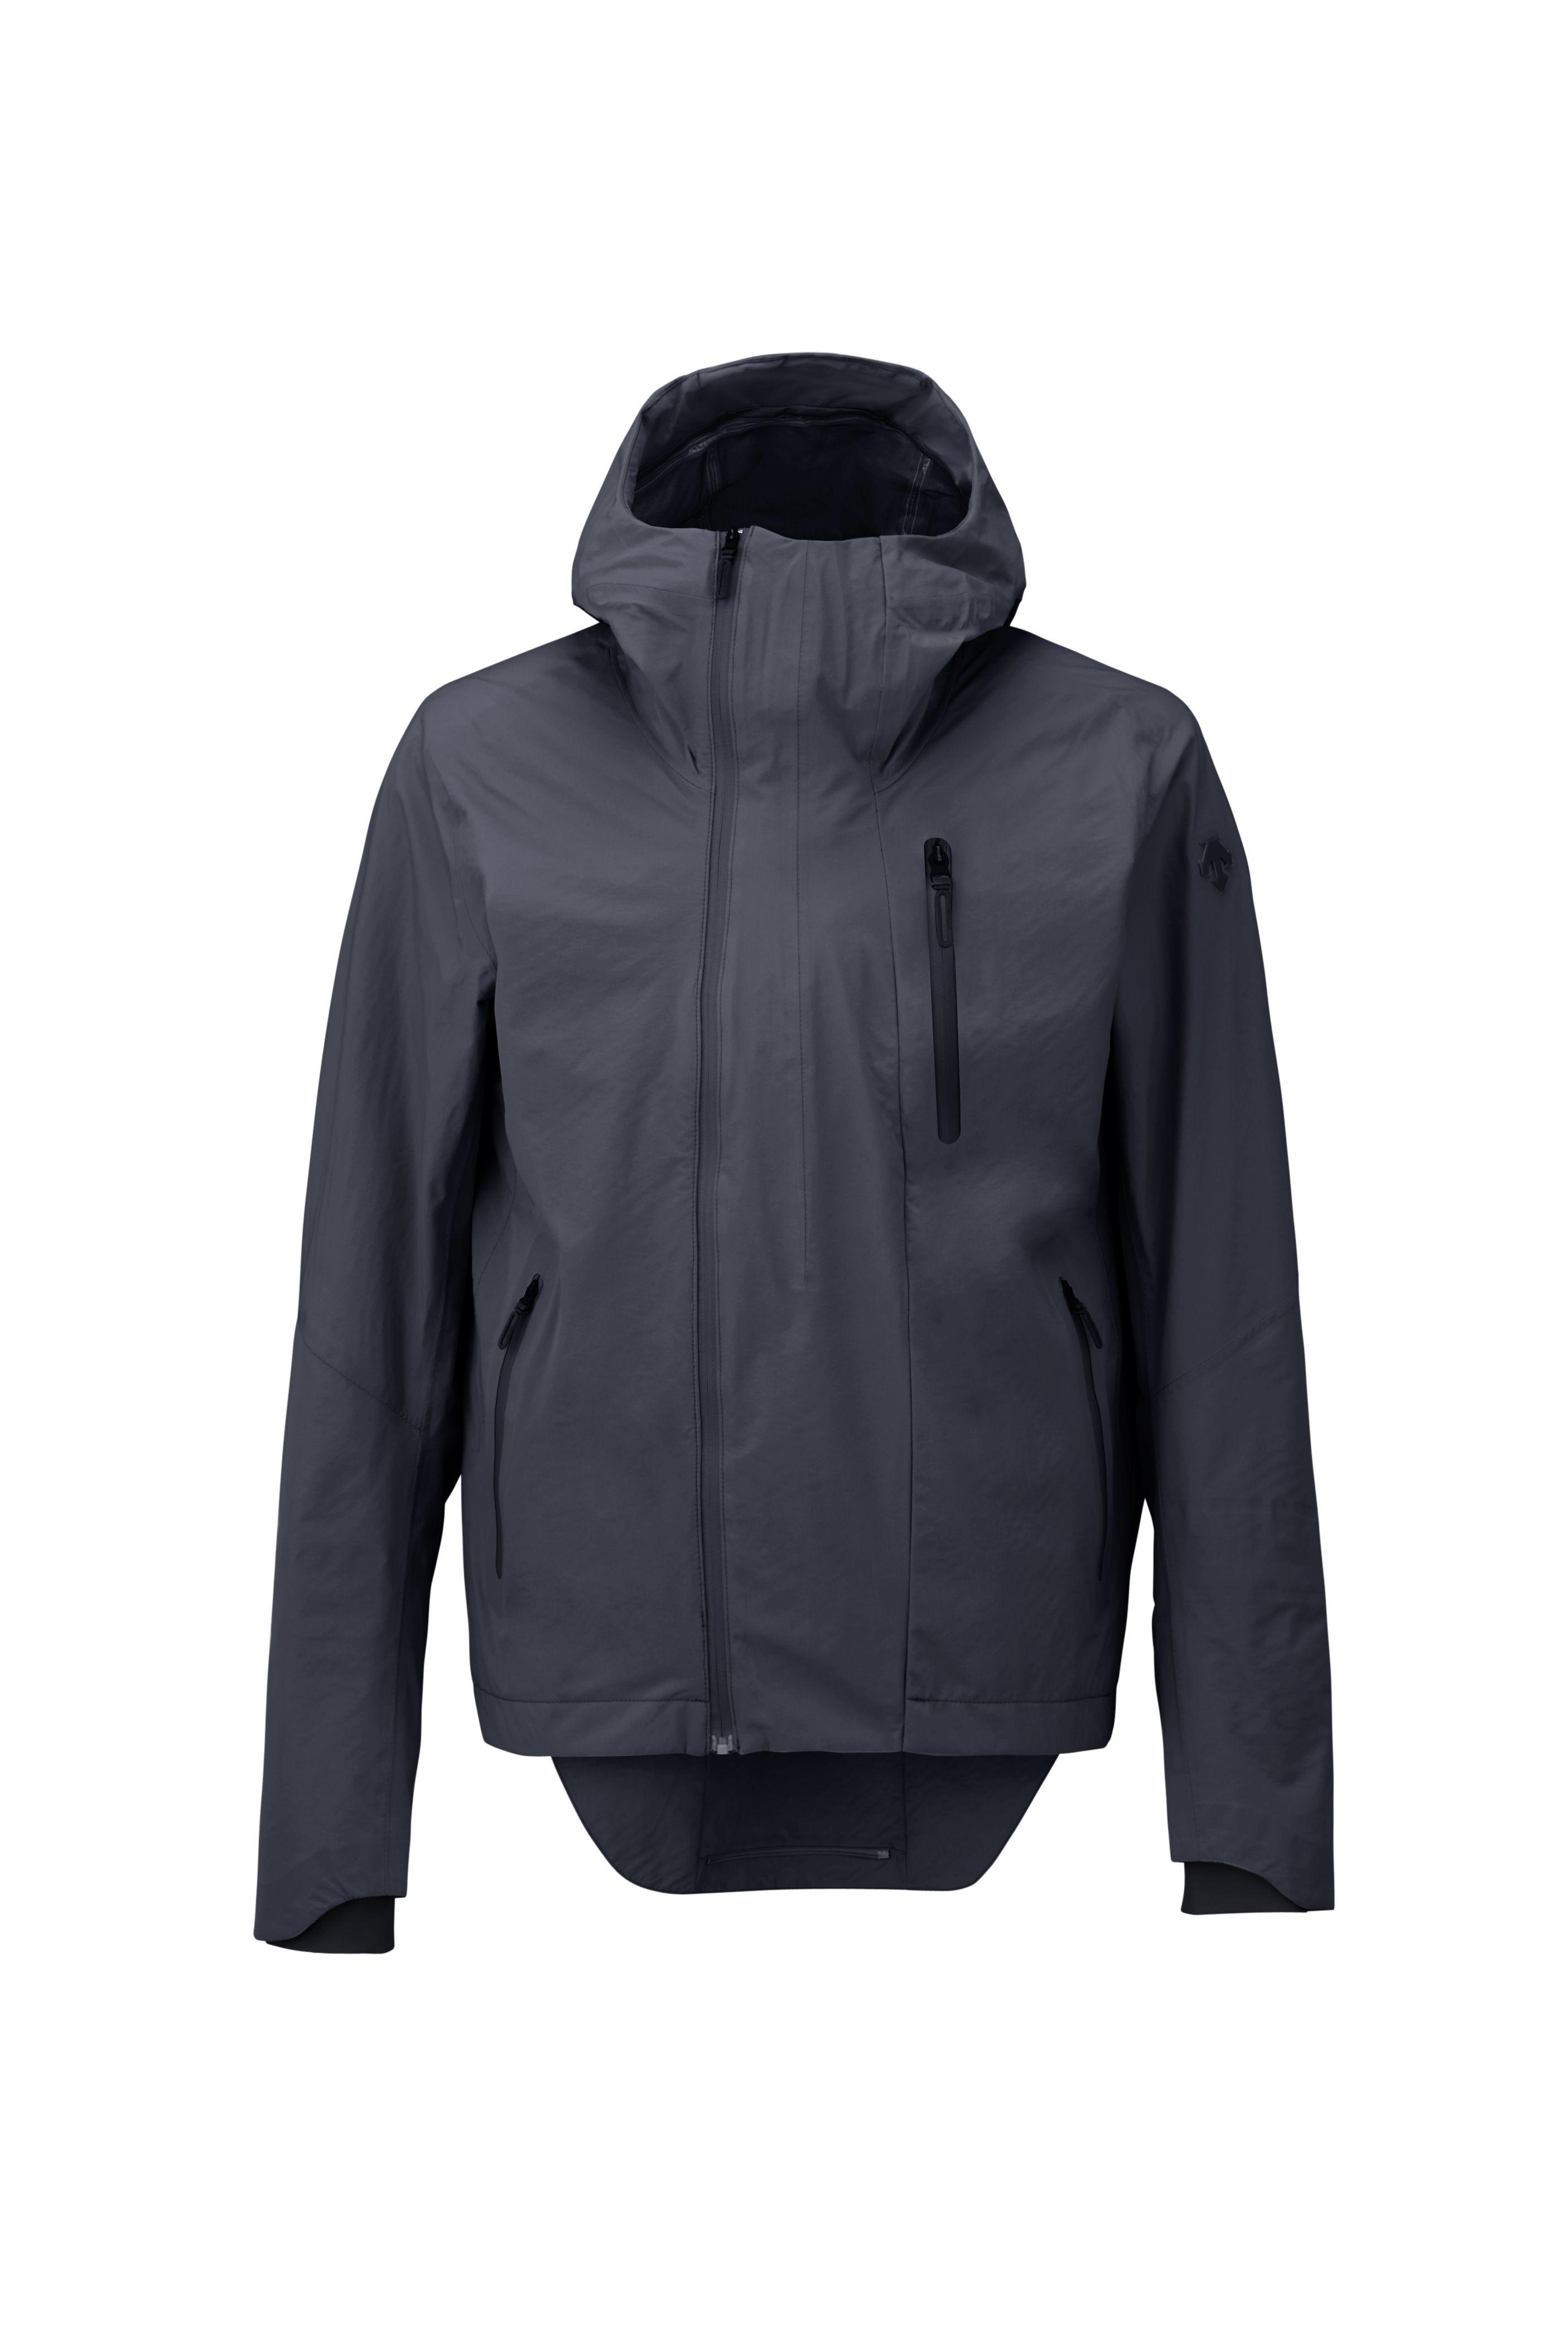 Jacket Shell Shell Dia3605u Shell Hooded Boa Dia3605u Boa Jacket Hooded Boa Hooded Jacket Dia3605u YBfA1qwZ